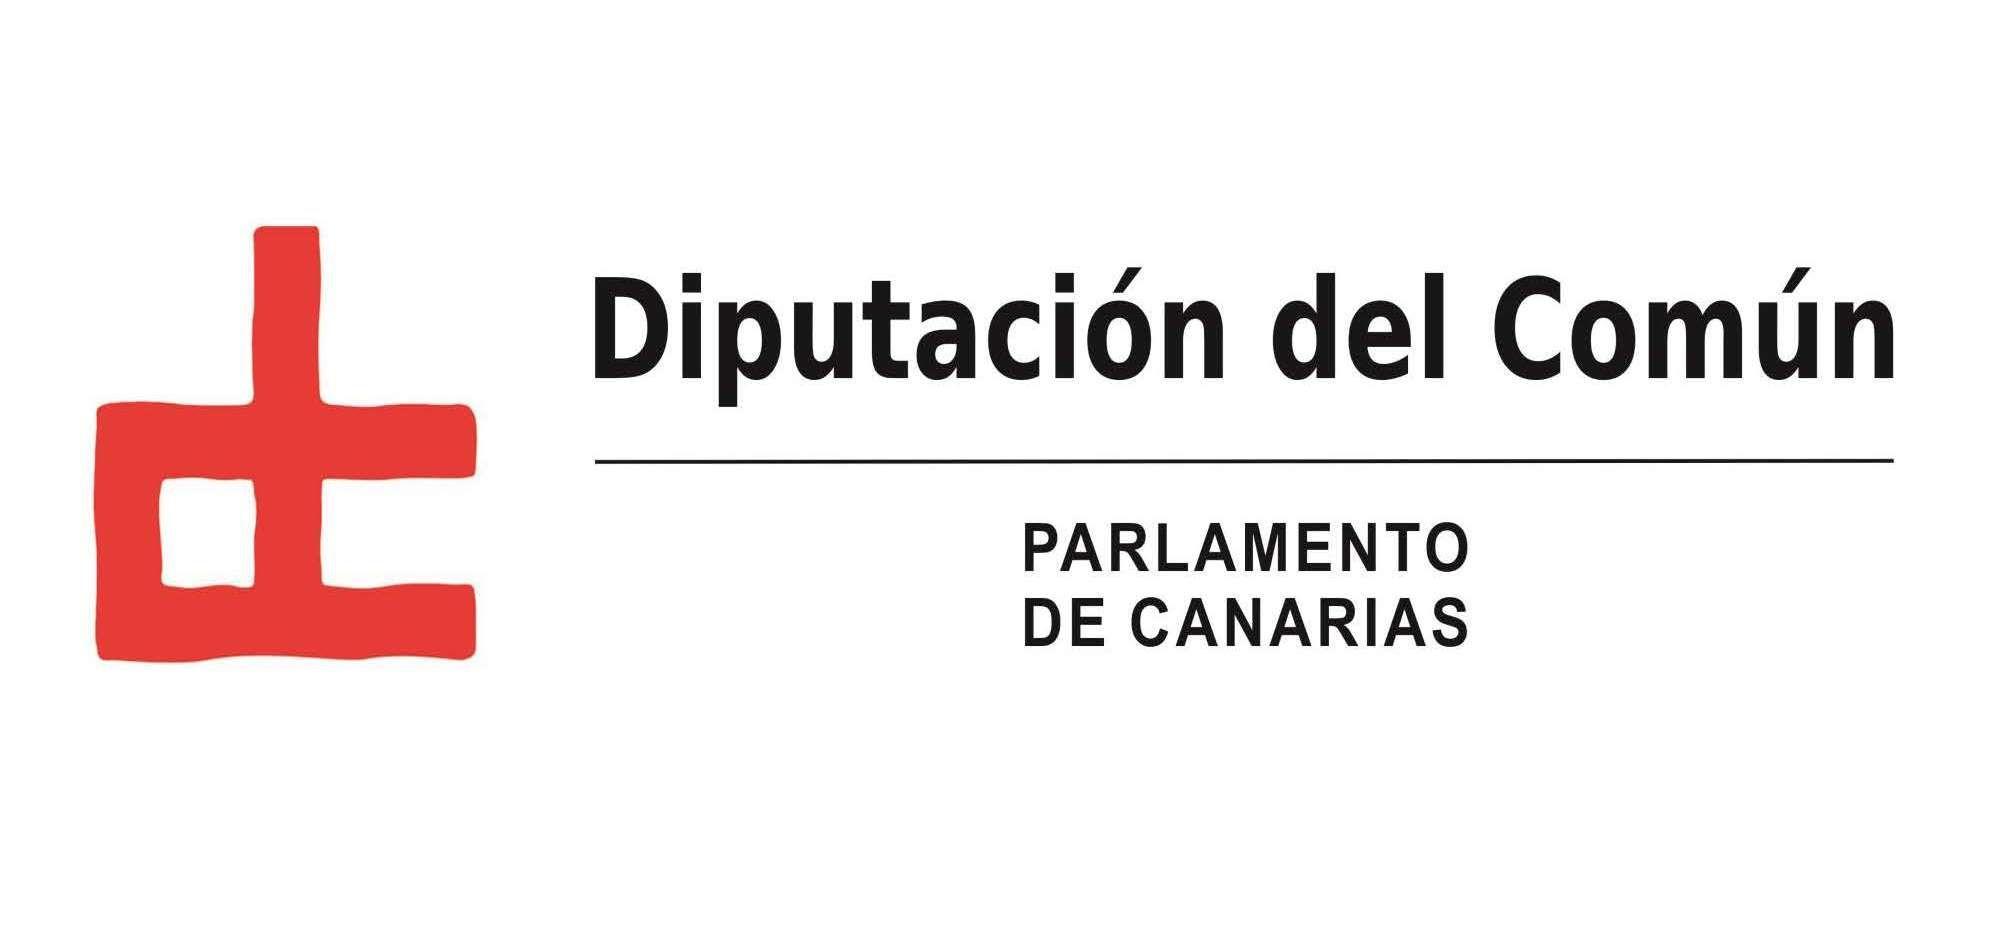 Logo Diputación del Común - Parlamento de Canarias